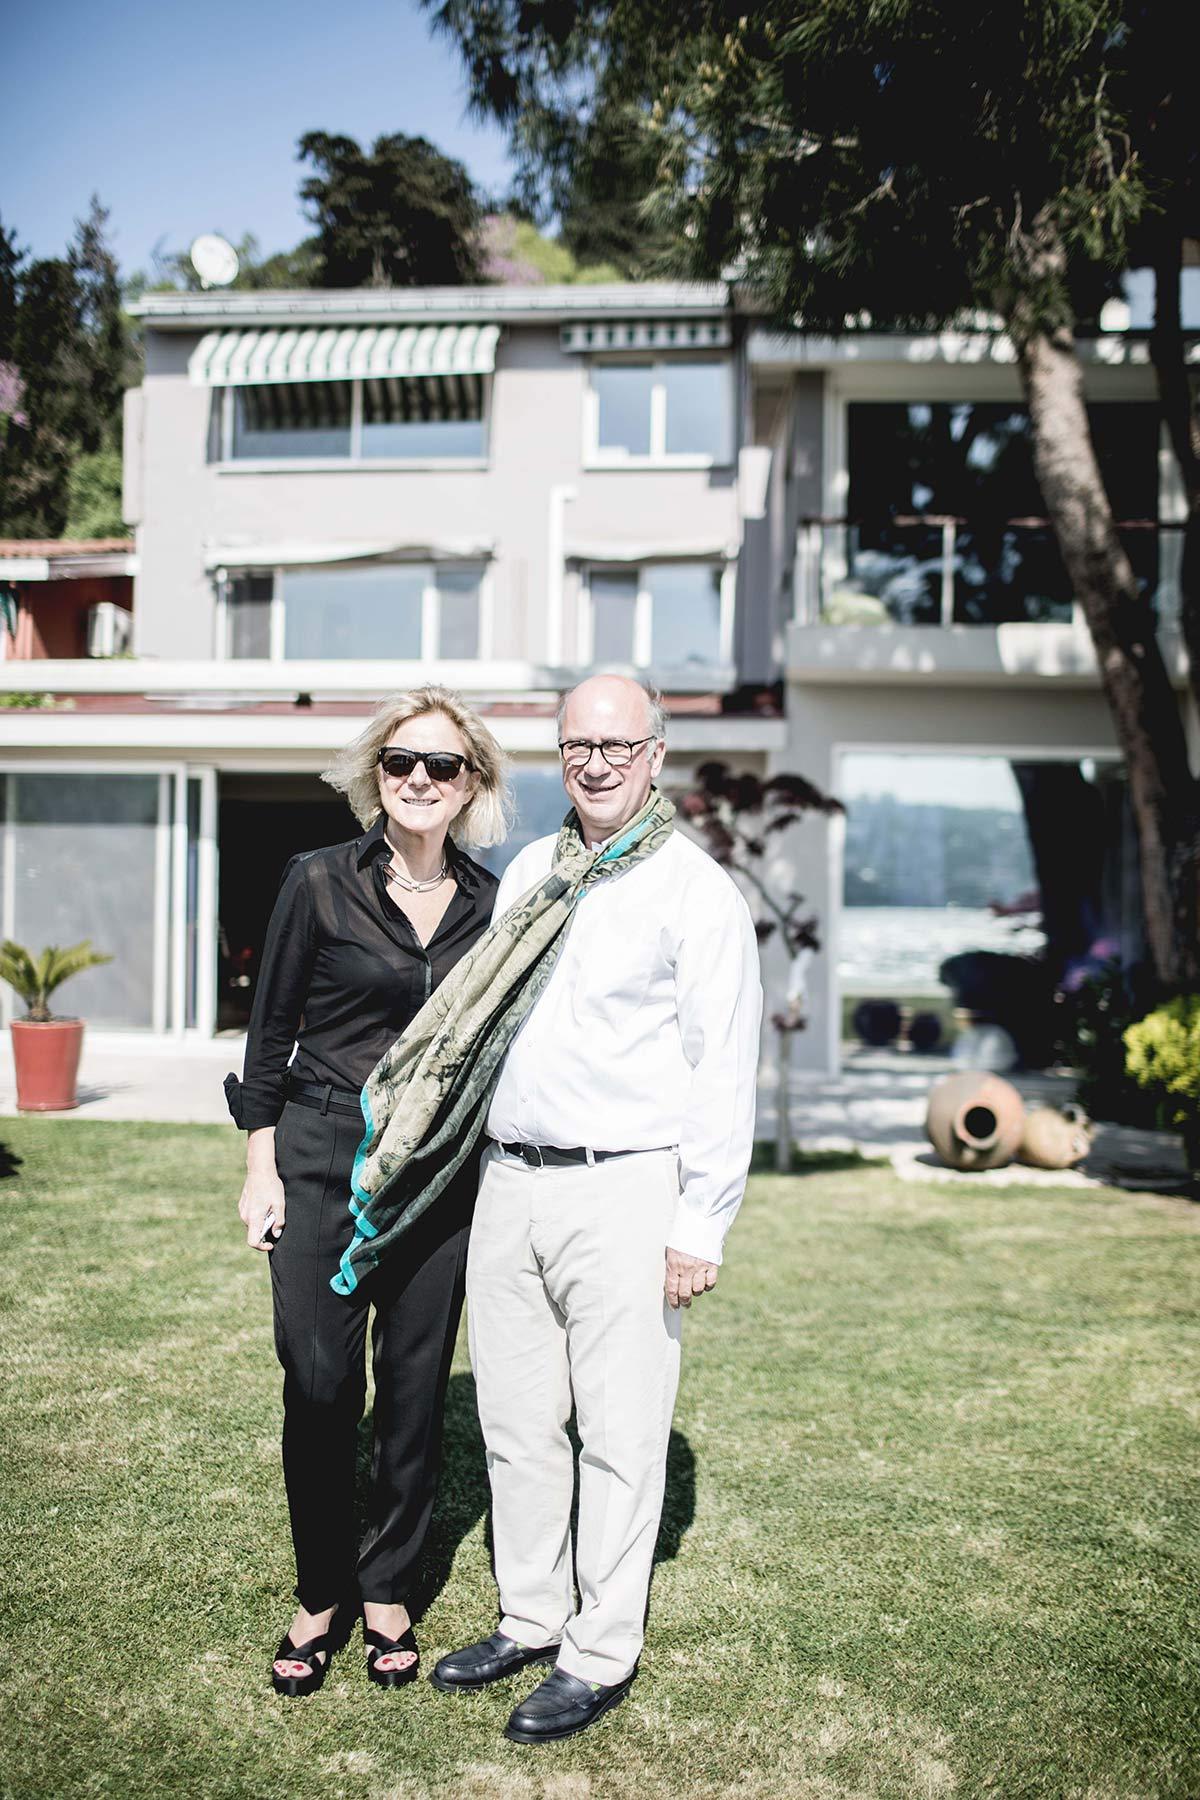 Kuenstler Faruk und Frau